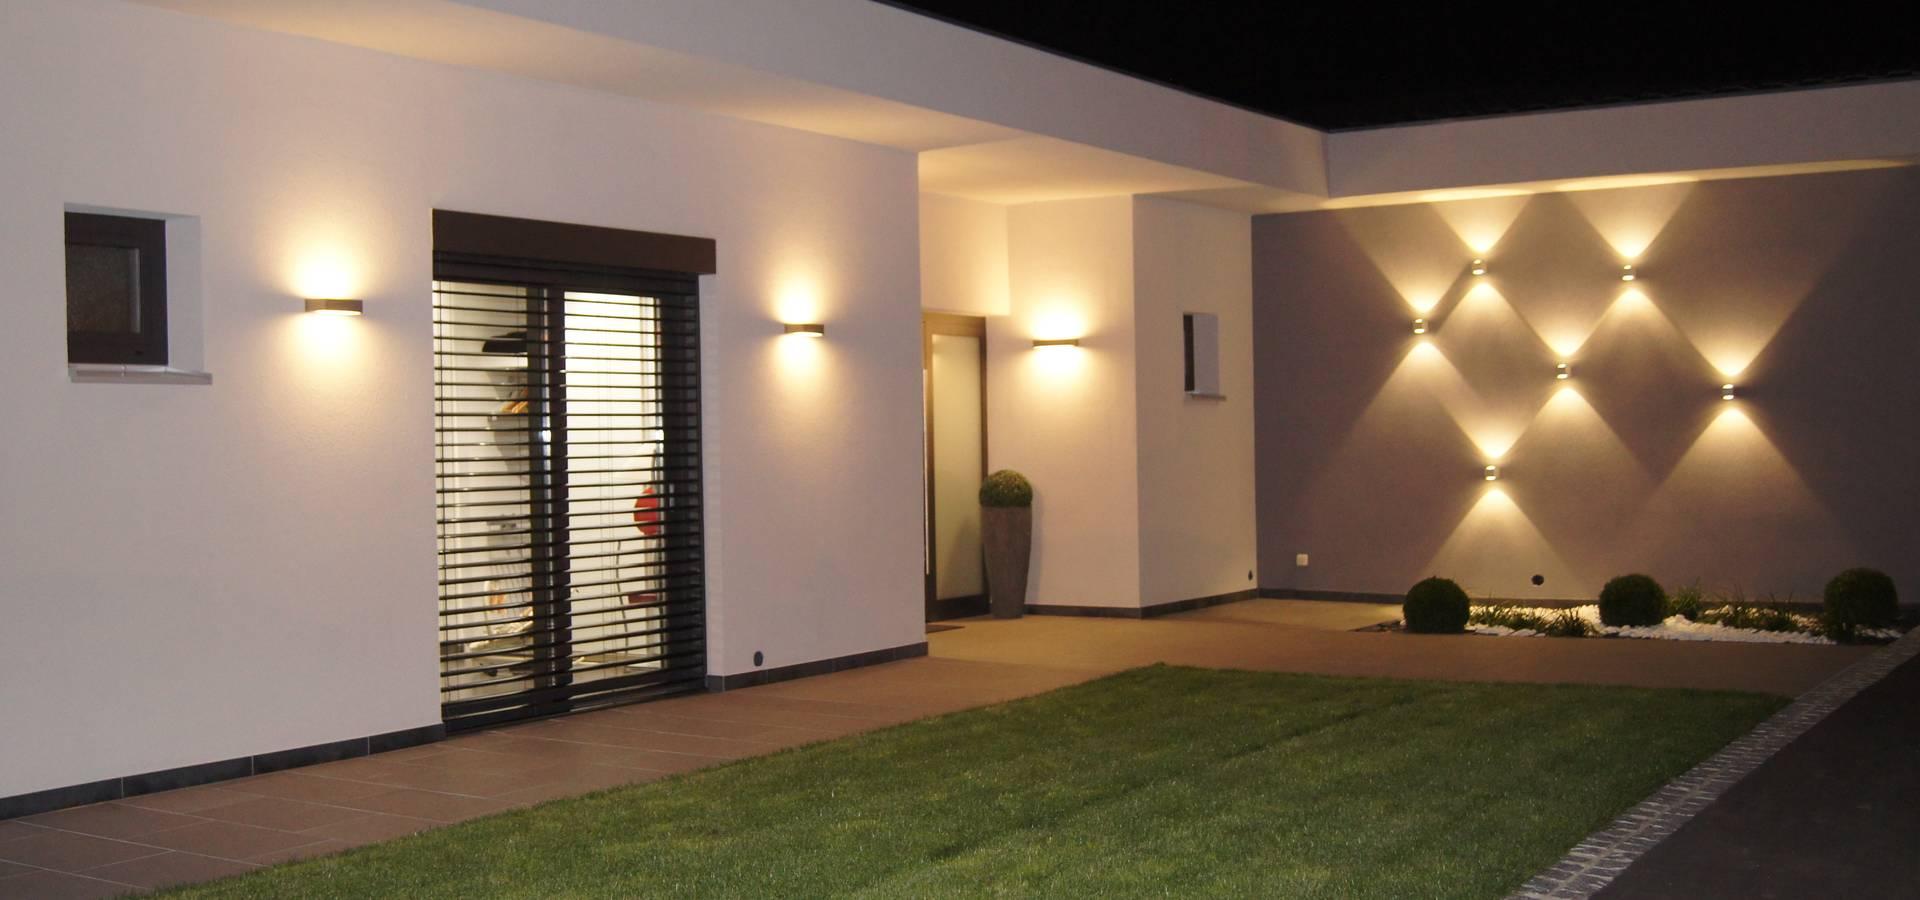 villa saarbr cken g dingen por bolz planungen f r licht und raum homify. Black Bedroom Furniture Sets. Home Design Ideas